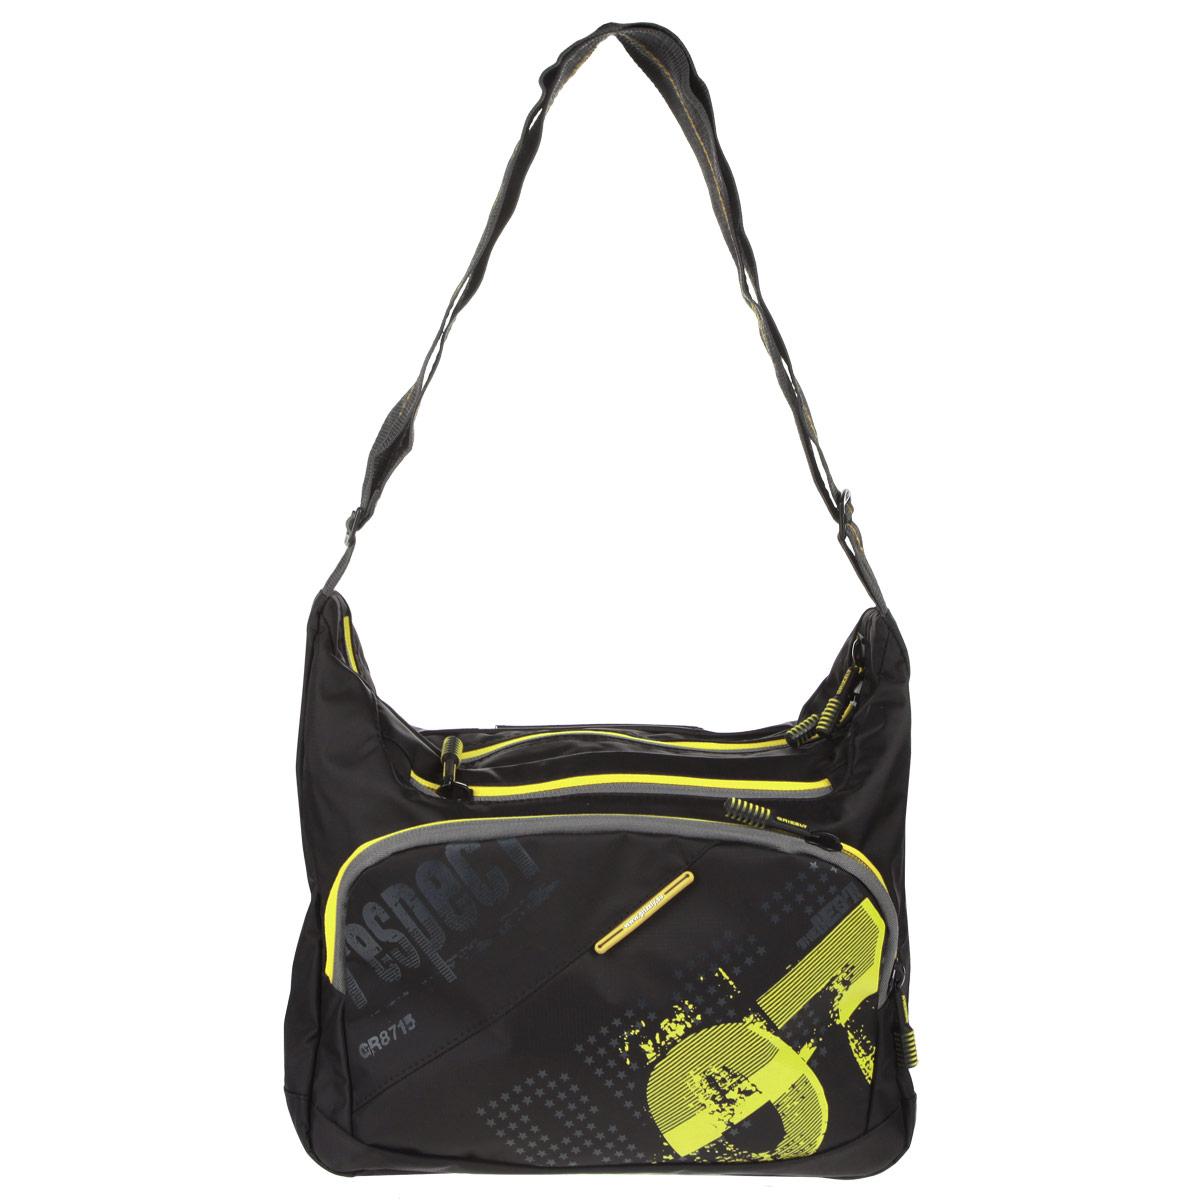 Grizzly Сумка школьная цвет черный желтый72523WDСумка молодежная наплечная с одним отделением, передними, боковыми, задним и внутренними карманами, ручкой для переноски и регулируемым плечевым ремнем